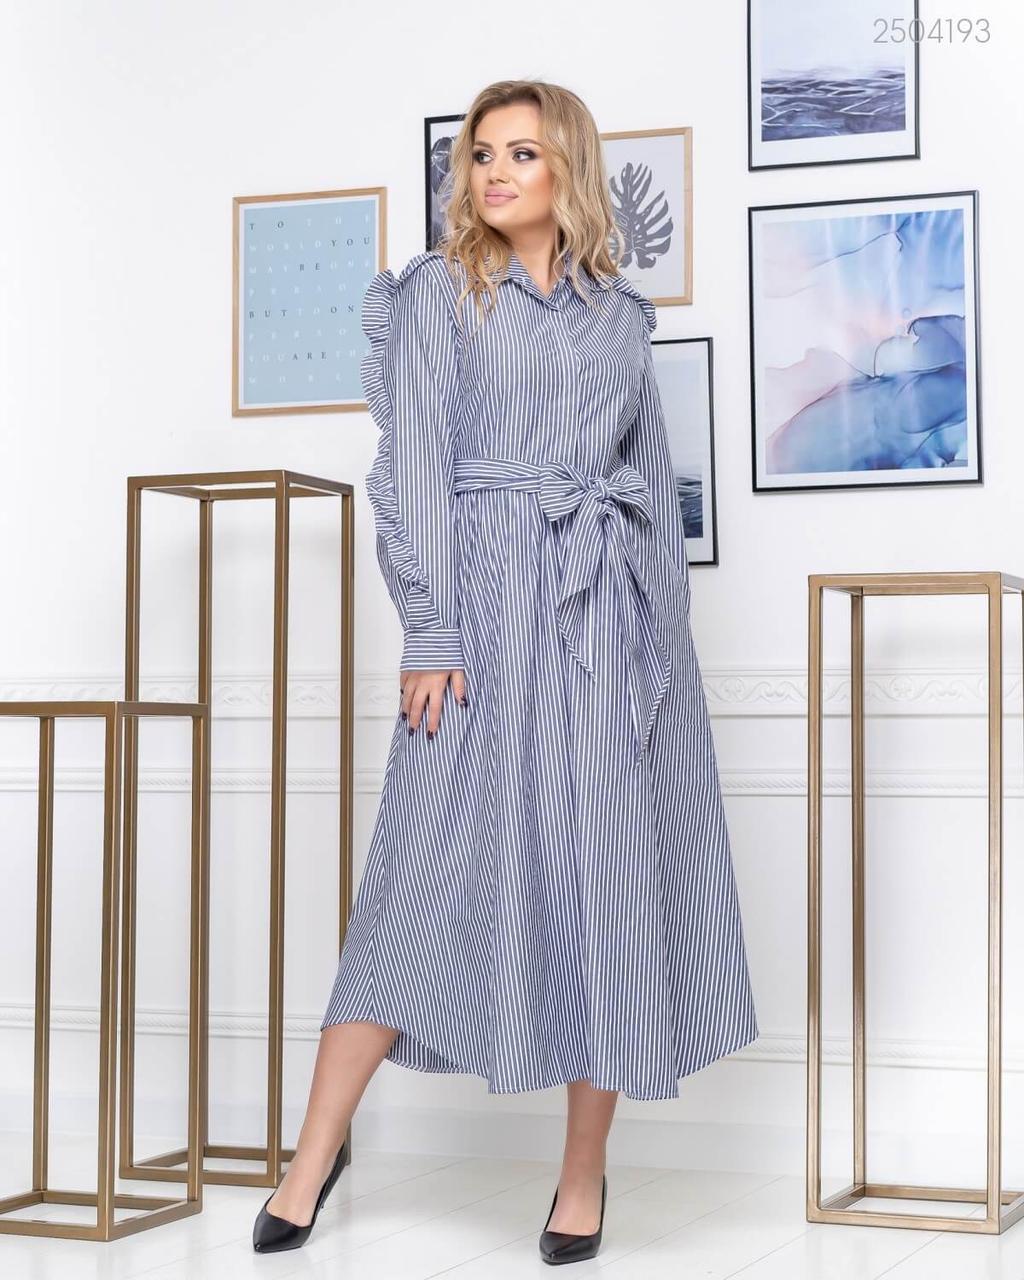 Платье Пьяченца (серый) 2504193